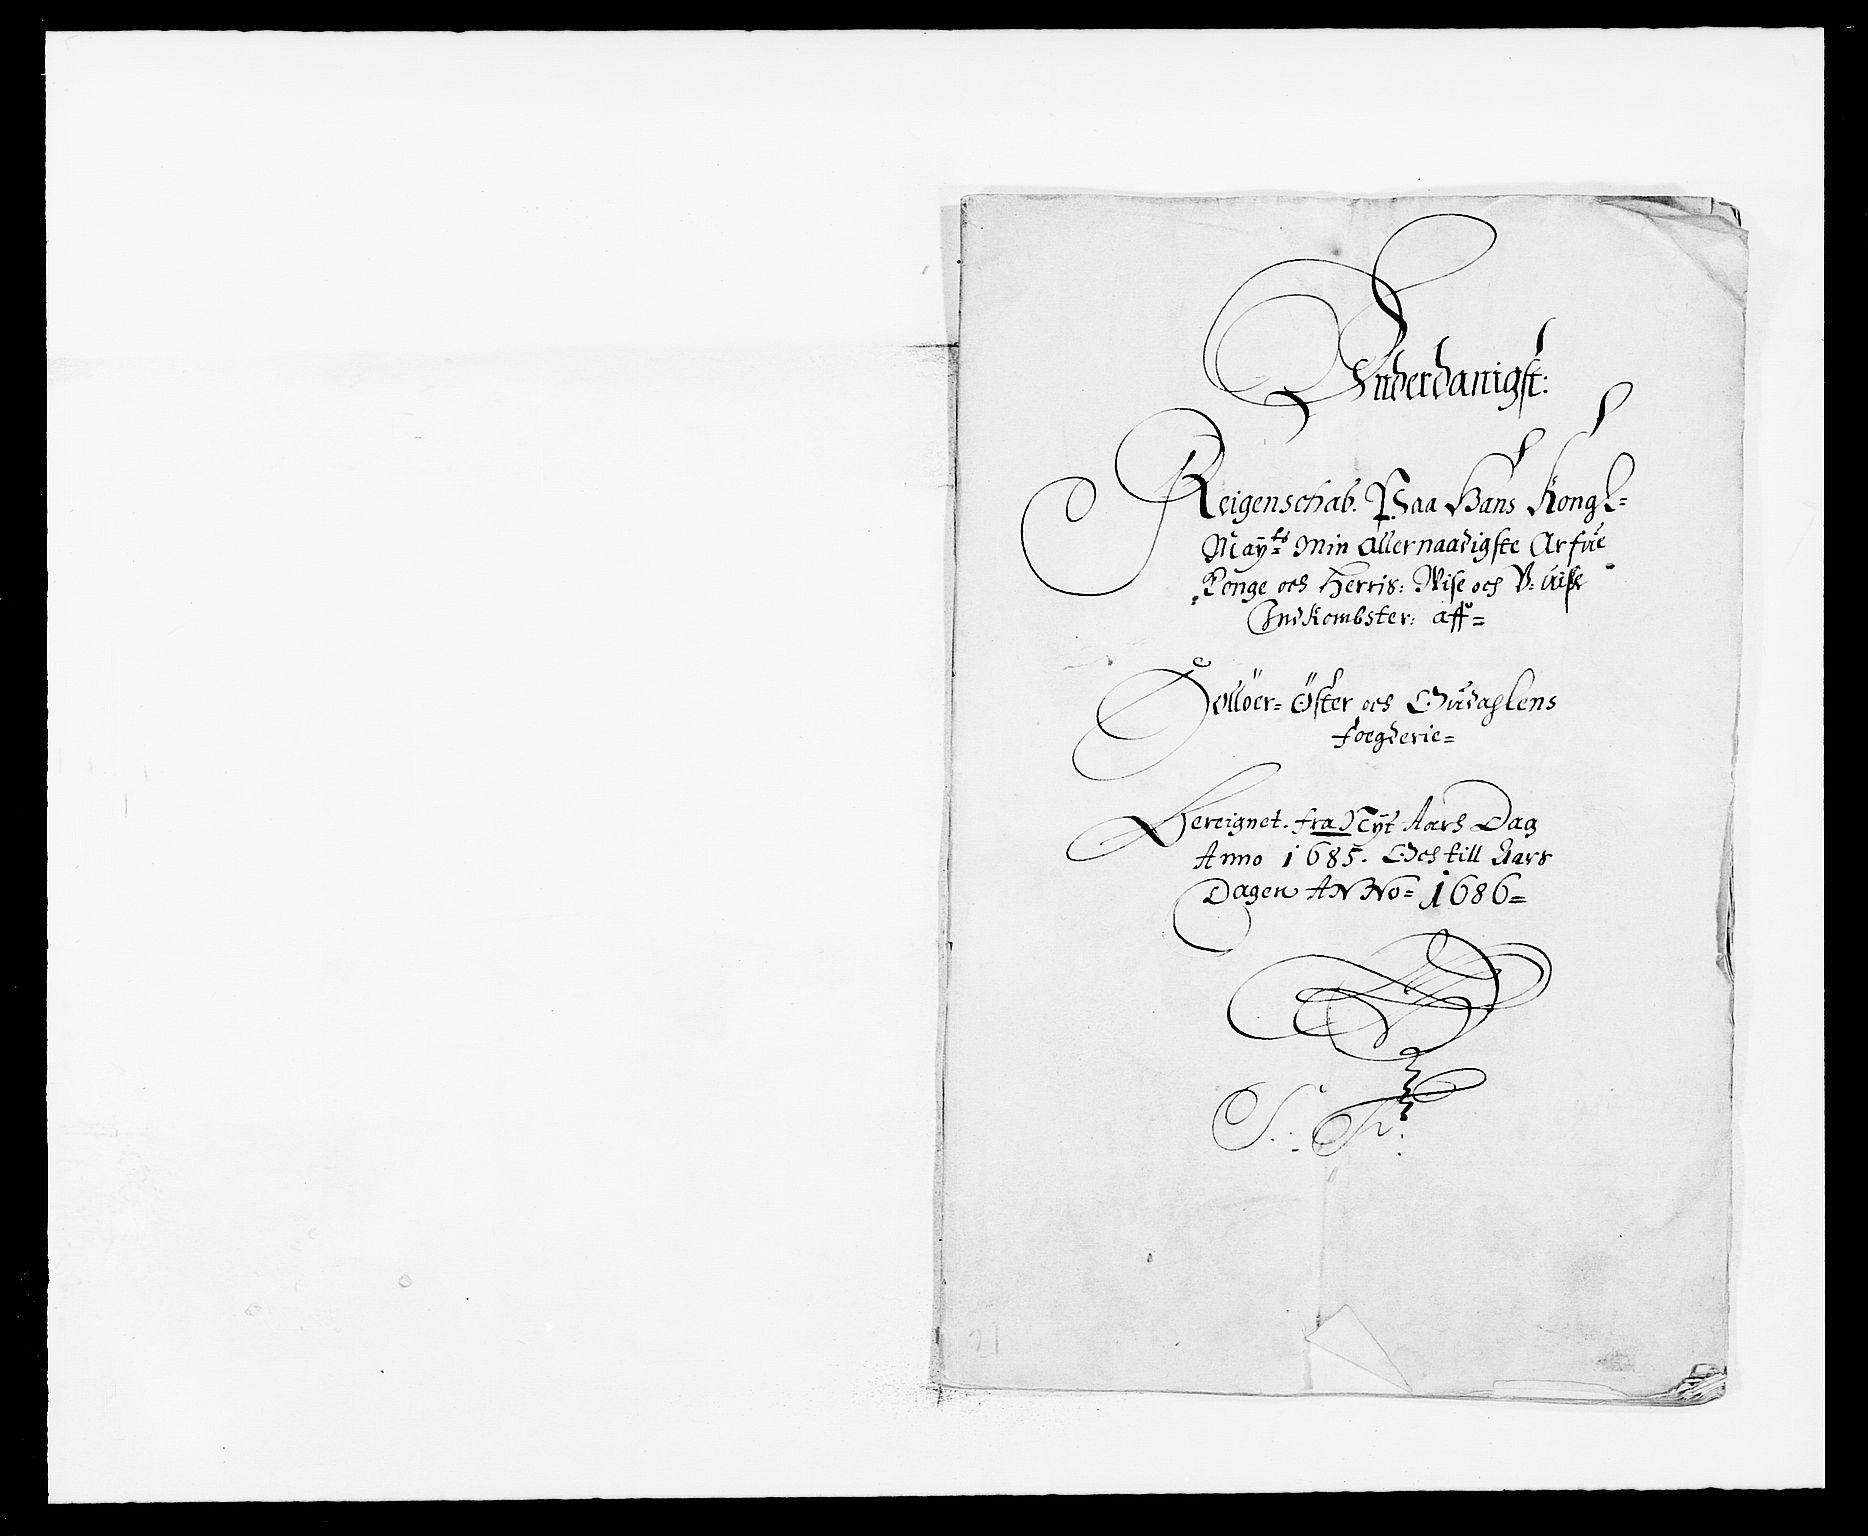 RA, Rentekammeret inntil 1814, Reviderte regnskaper, Fogderegnskap, R13/L0822: Fogderegnskap Solør, Odal og Østerdal, 1685, s. 2